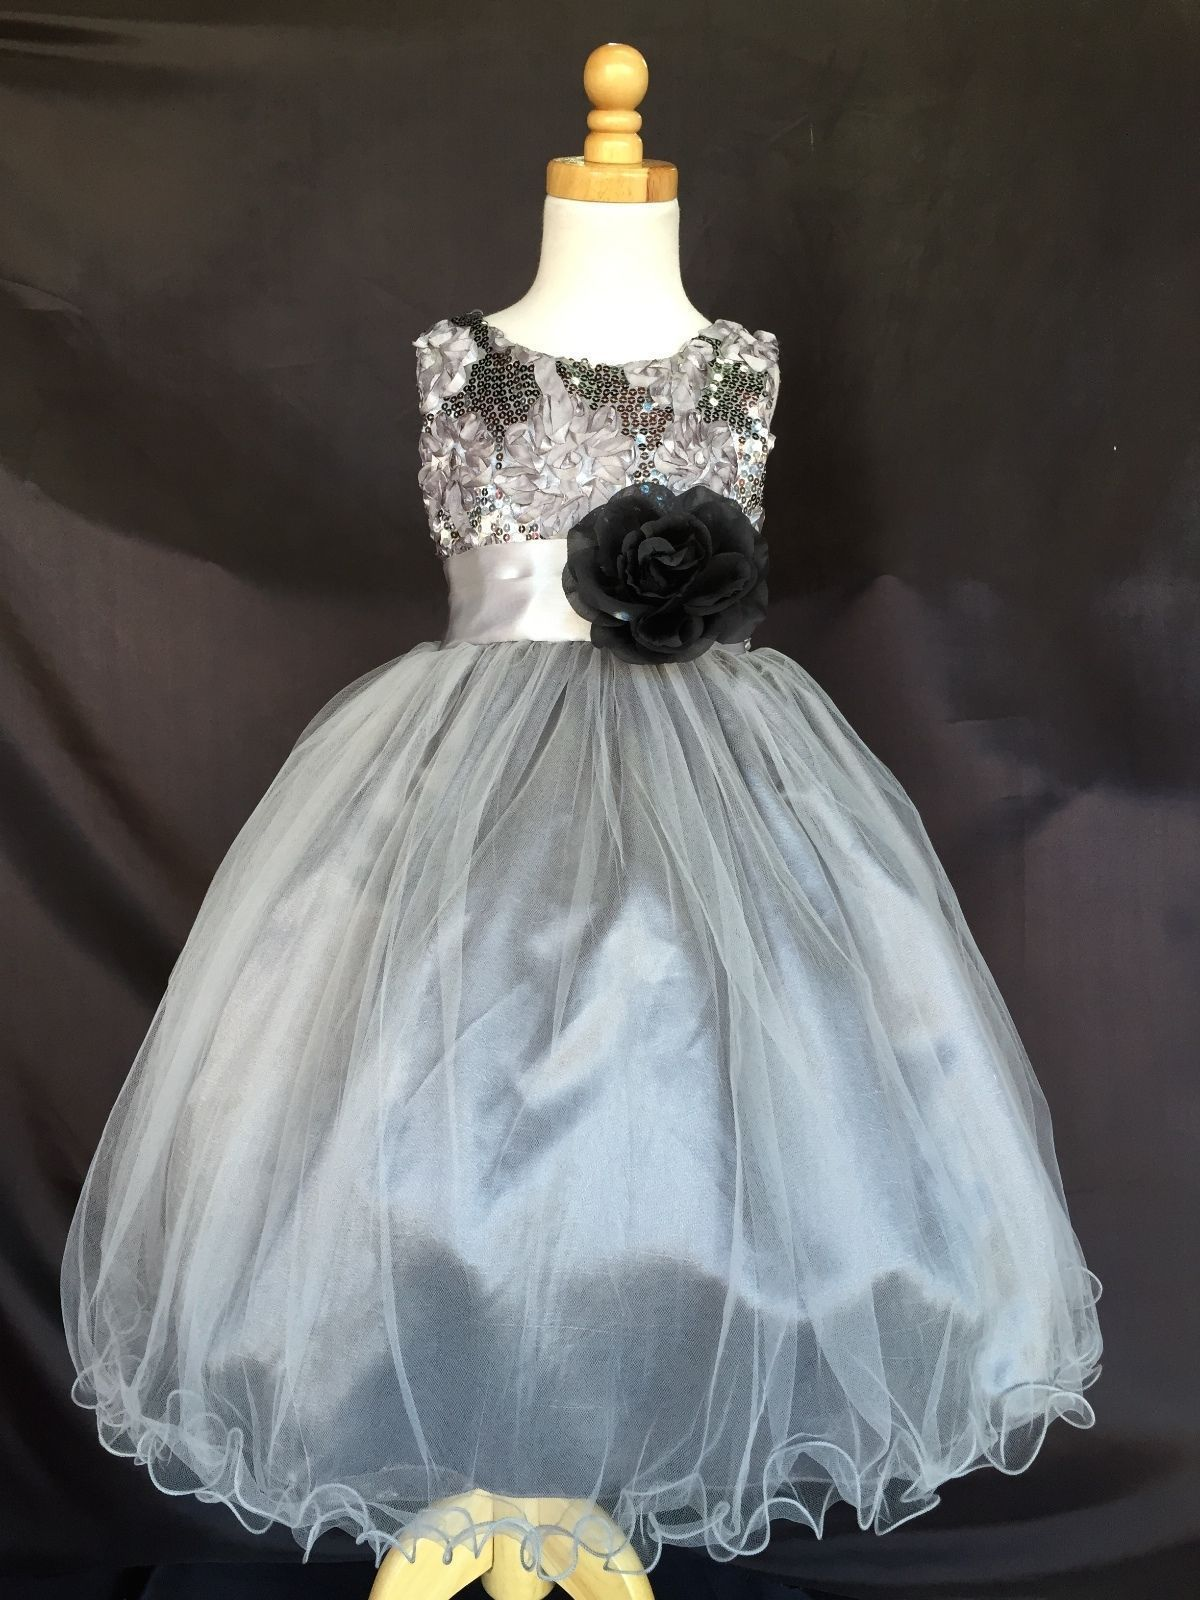 Charcoal NEW Flower Girl Bridesmaids Summer FL Sequence Toddler Girl Dress #18